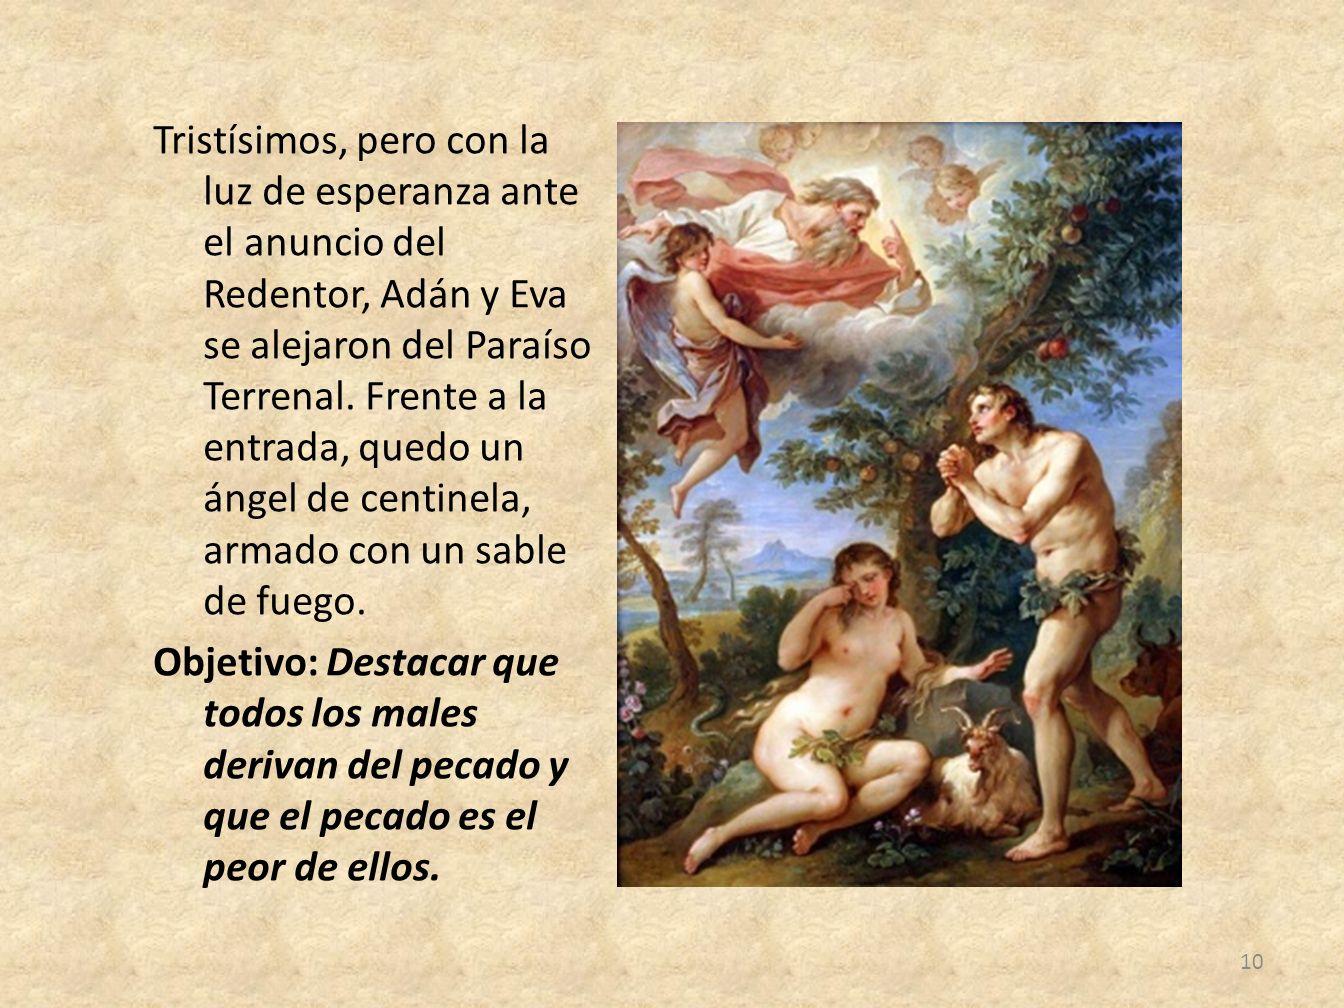 Tristísimos, pero con la luz de esperanza ante el anuncio del Redentor, Adán y Eva se alejaron del Paraíso Terrenal. Frente a la entrada, quedo un áng